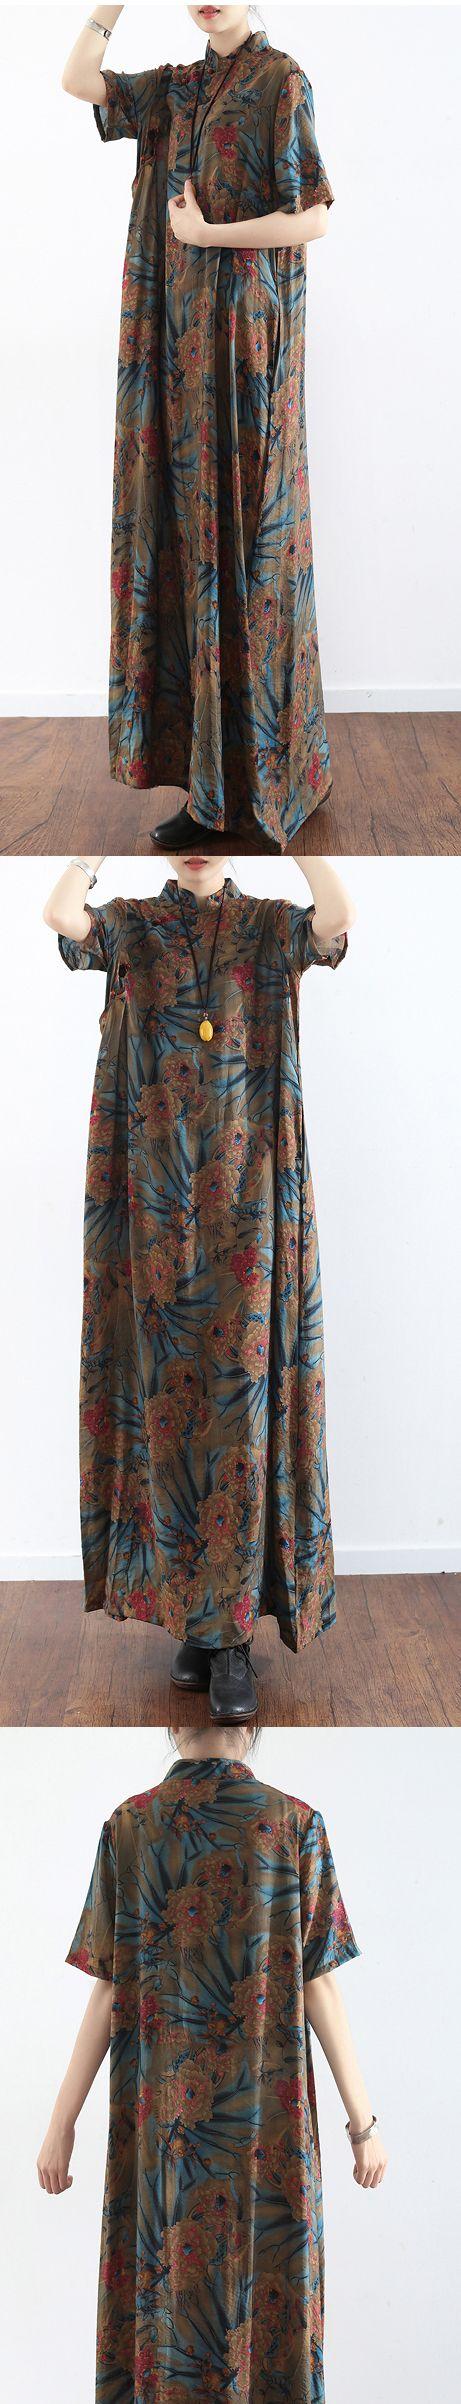 Original prints casual linen dresses plus size vintage sundress